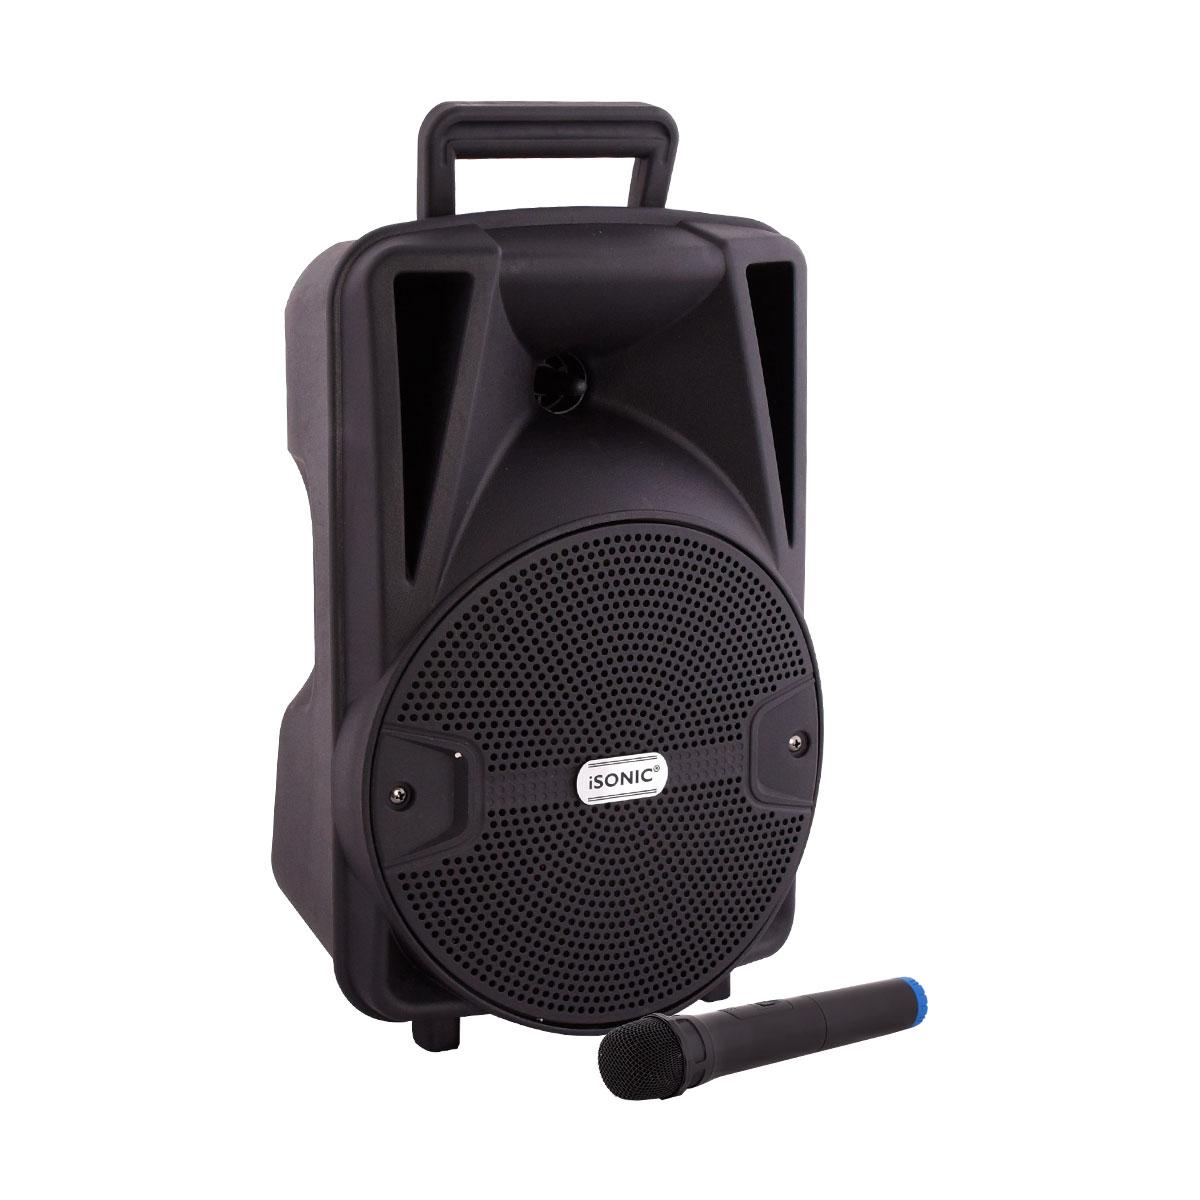 ايسونيك مكبر صوت محمول وقابل للشحن  - iS468